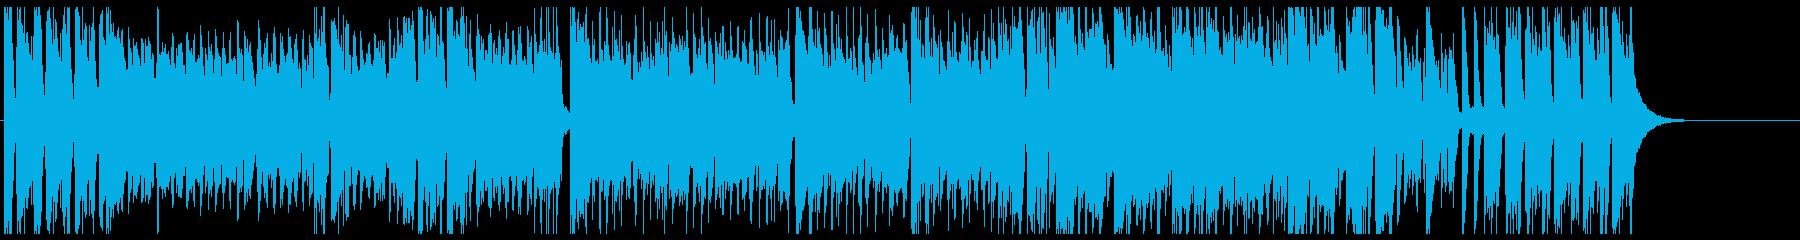 ショータイム テーマ にぎやか 夜 躍動の再生済みの波形